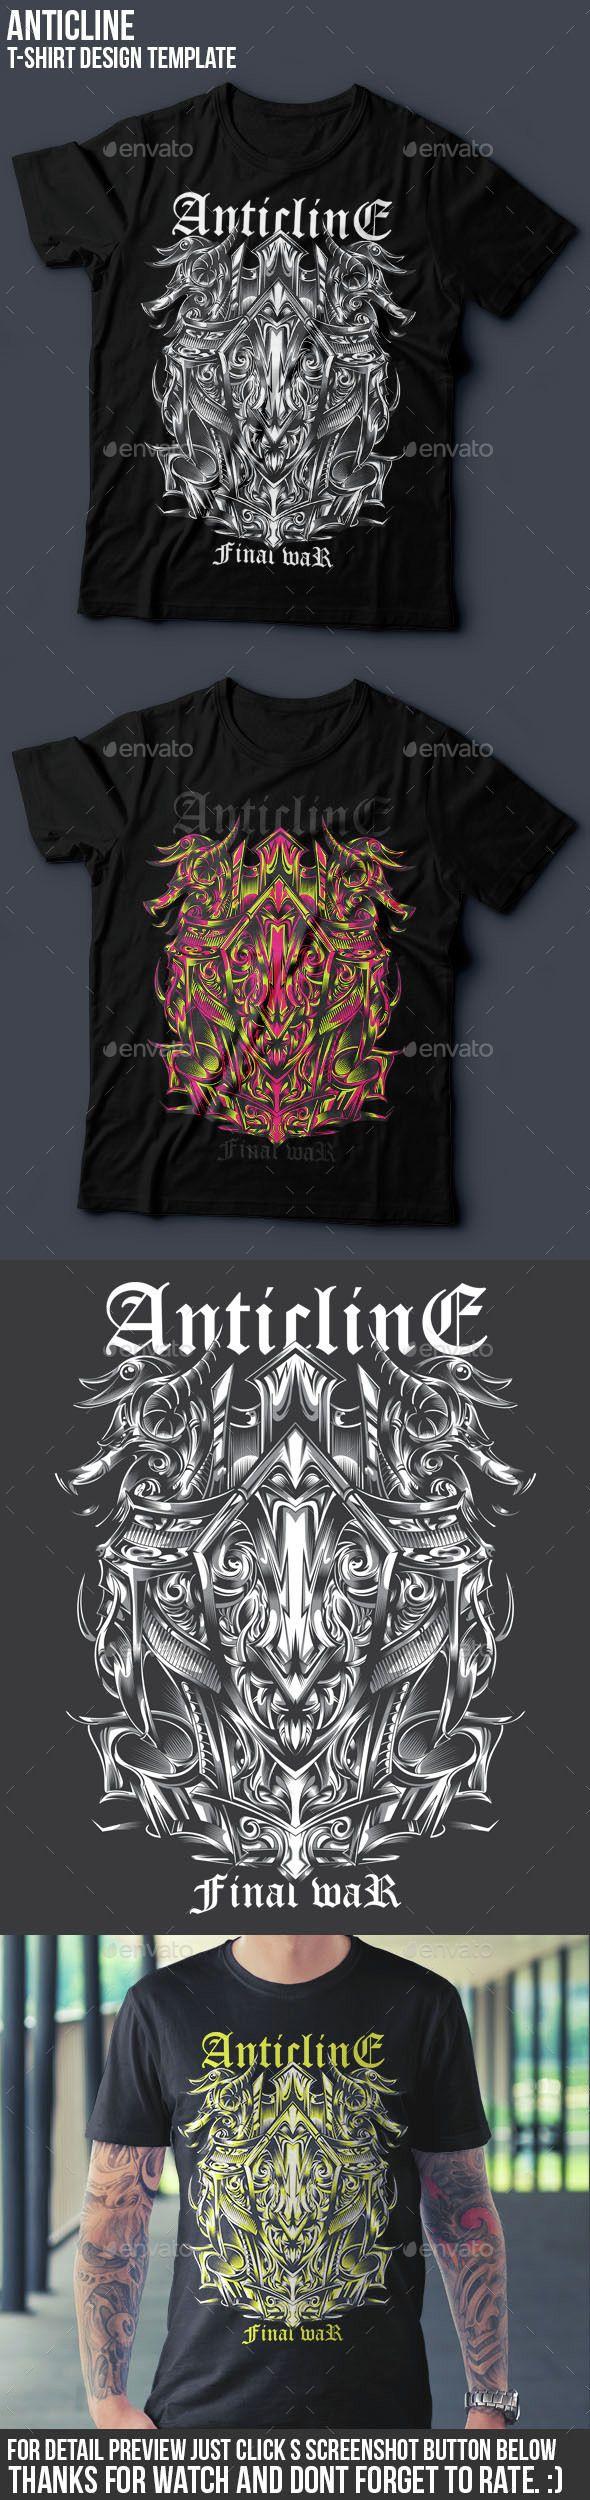 Shirt design template size - Anticline T Shirt Design Template